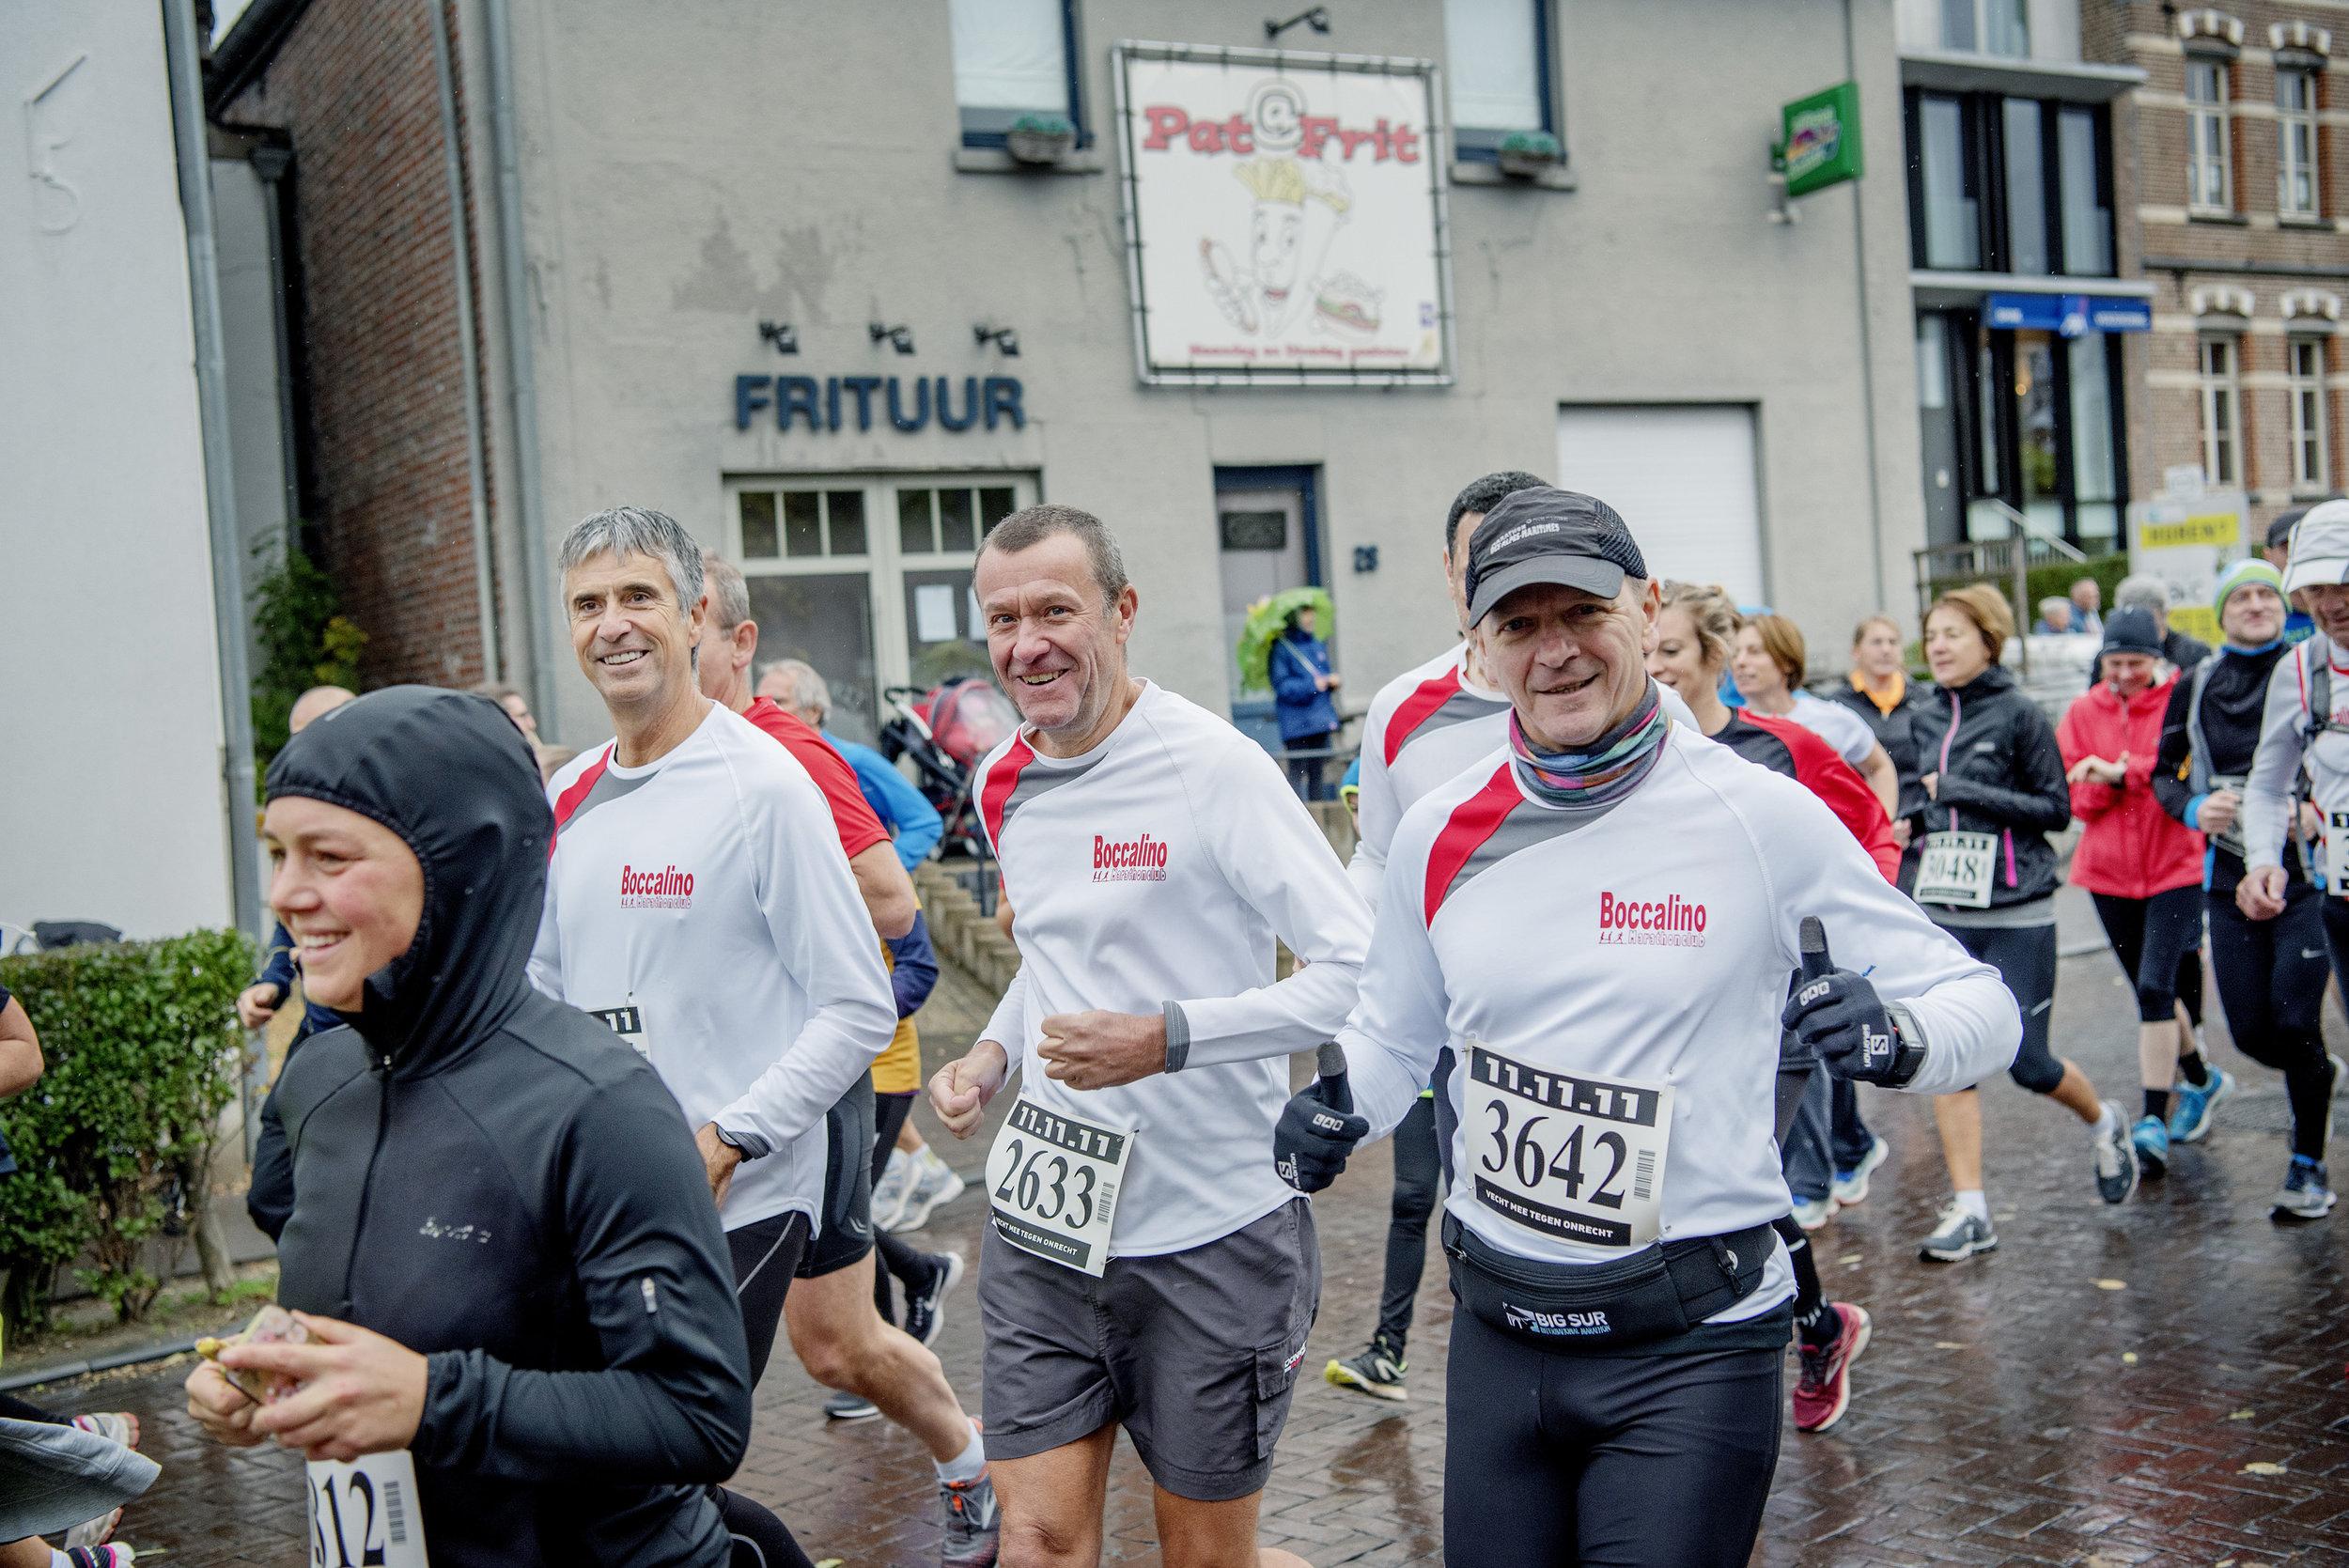 181111_11-11-11_acties_vlaams_brabant_137.jpg